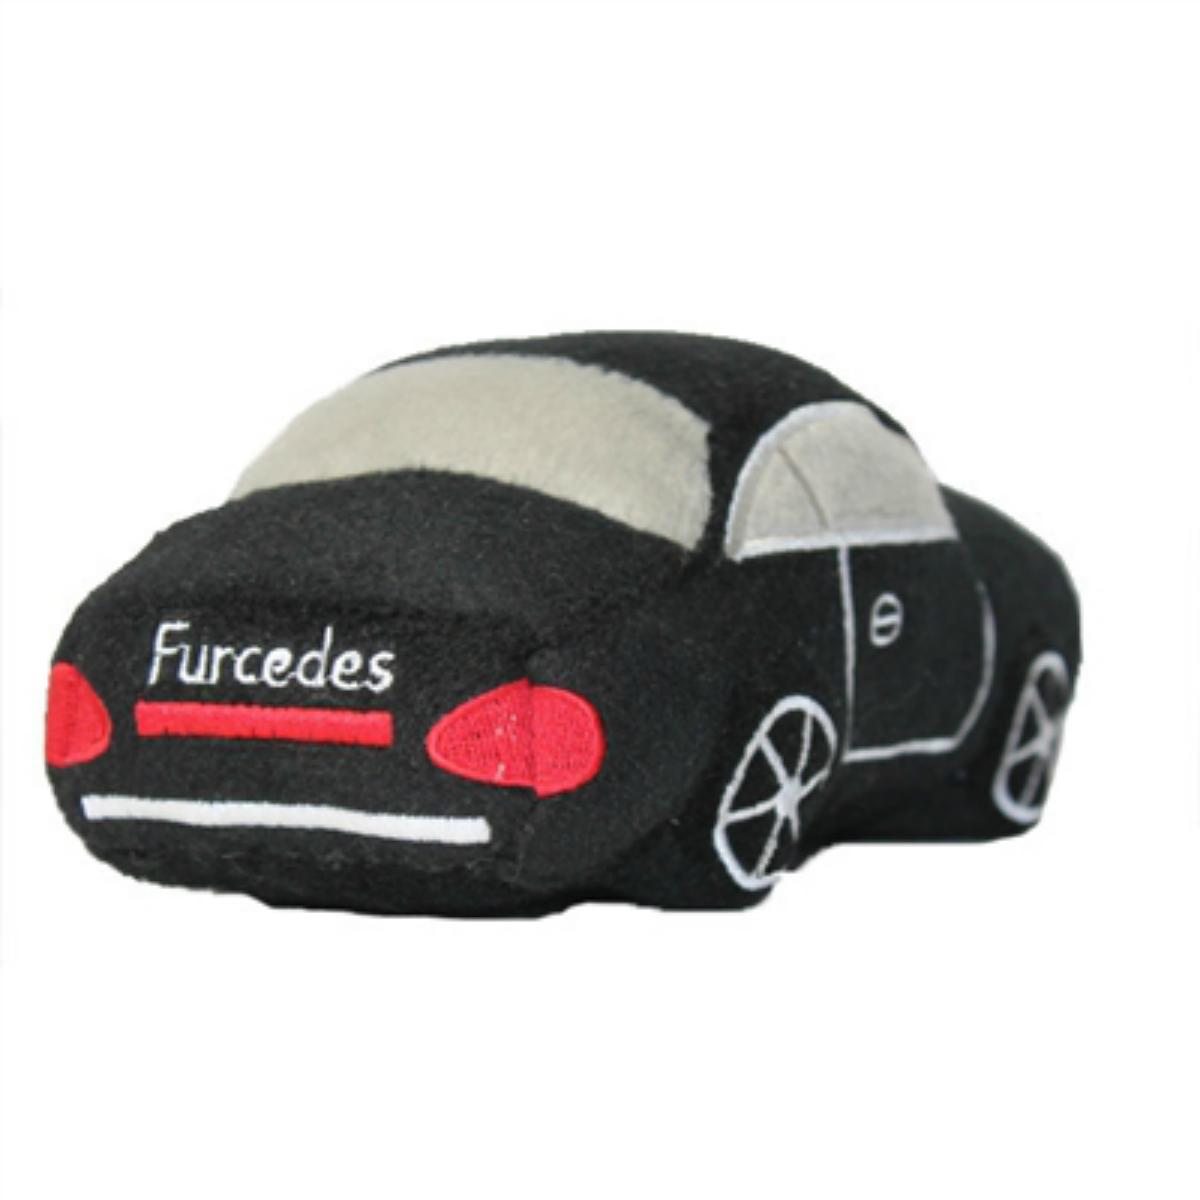 Furcedes Car Plush Dog Toy